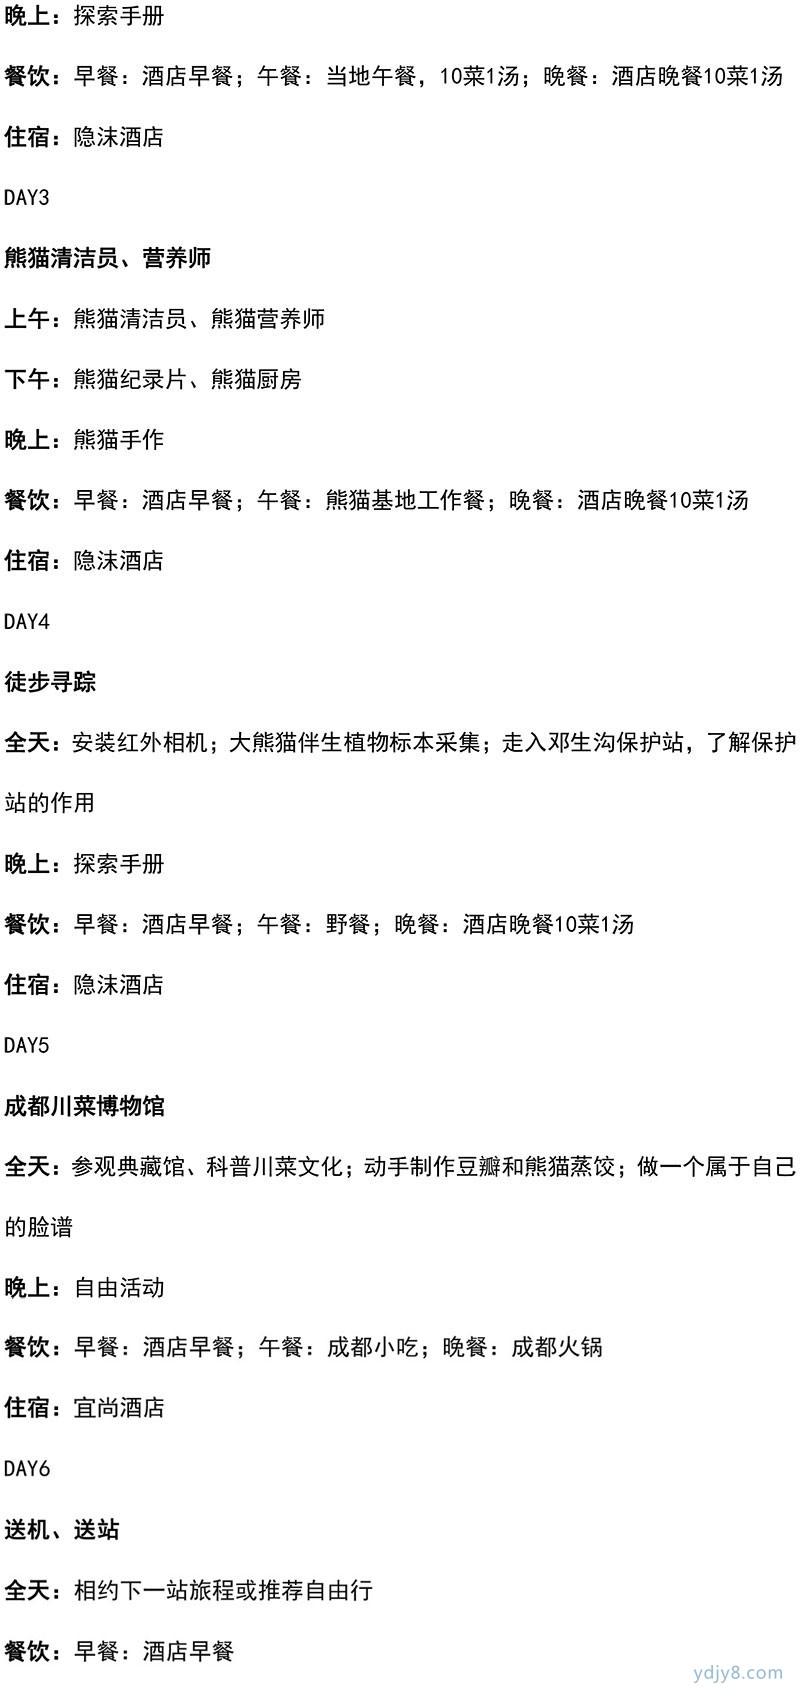 成都大熊猫-23